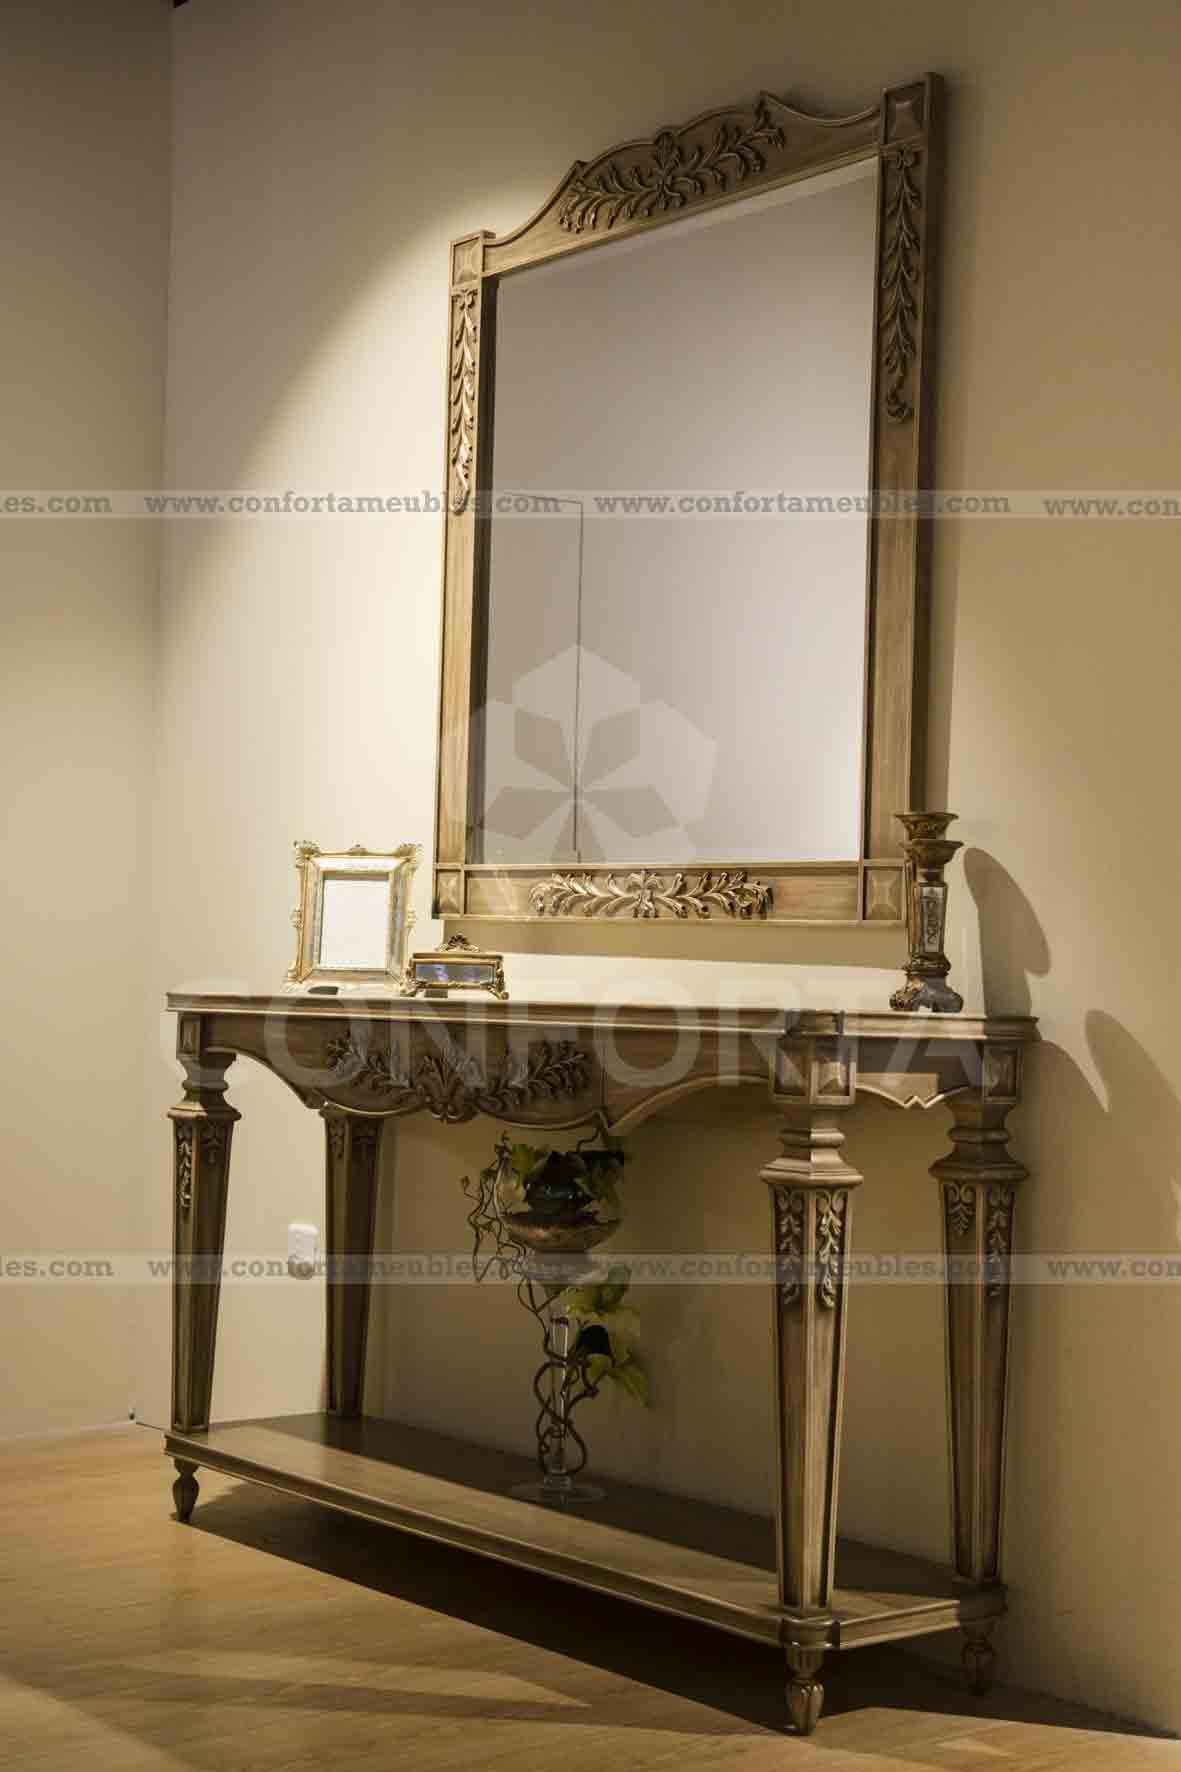 Meuble de rangement tunisie meubles et d coration tunisie for Ballouchi tunisie meuble